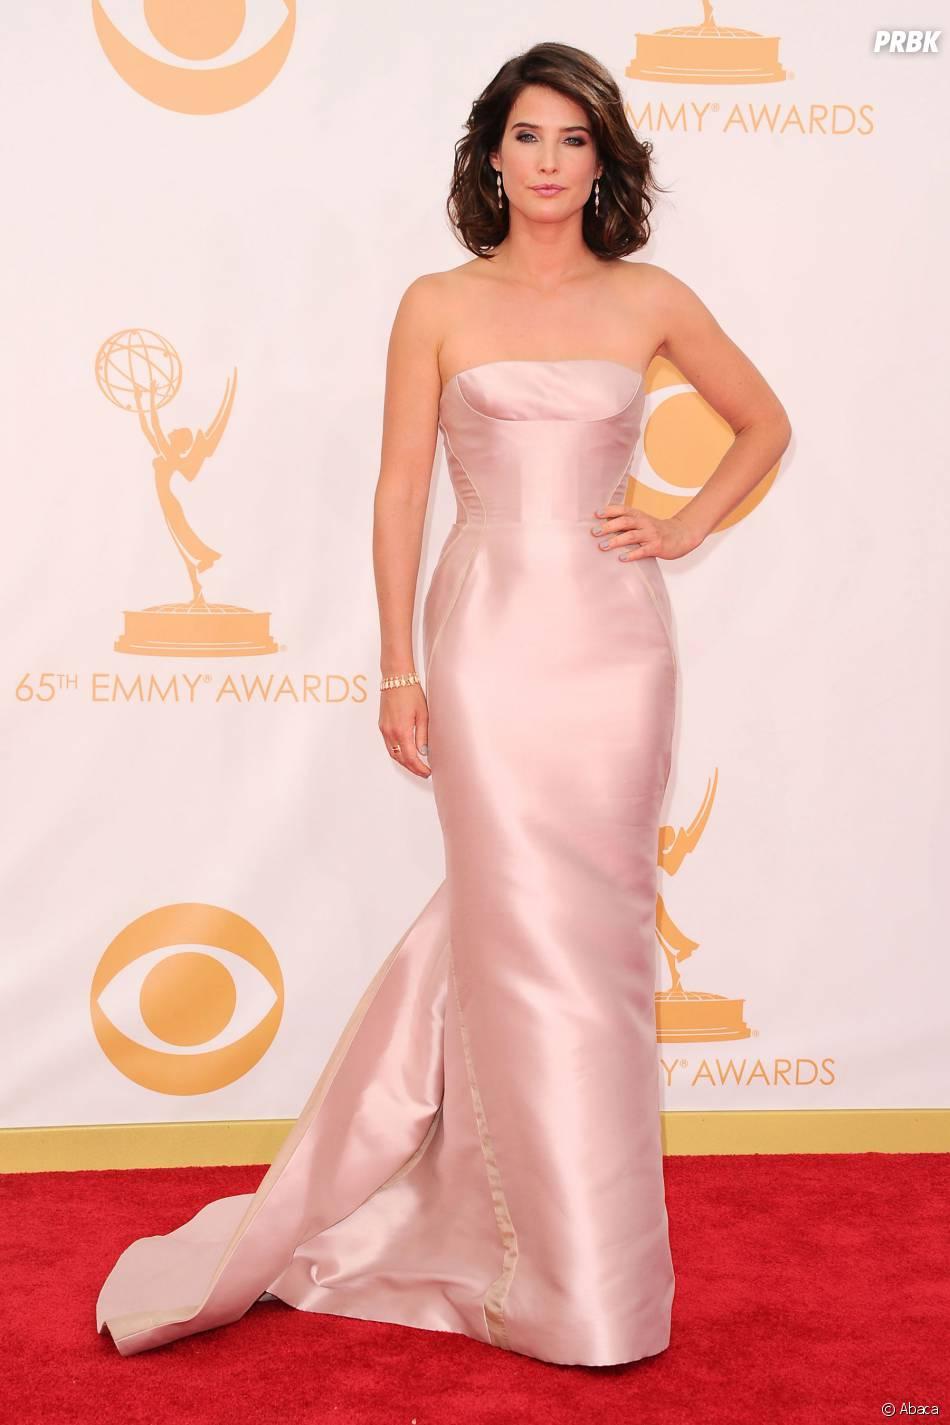 Cobie Smulders aux Emmy Awards 2013 le 22 septembre 2013 à Los Angeles